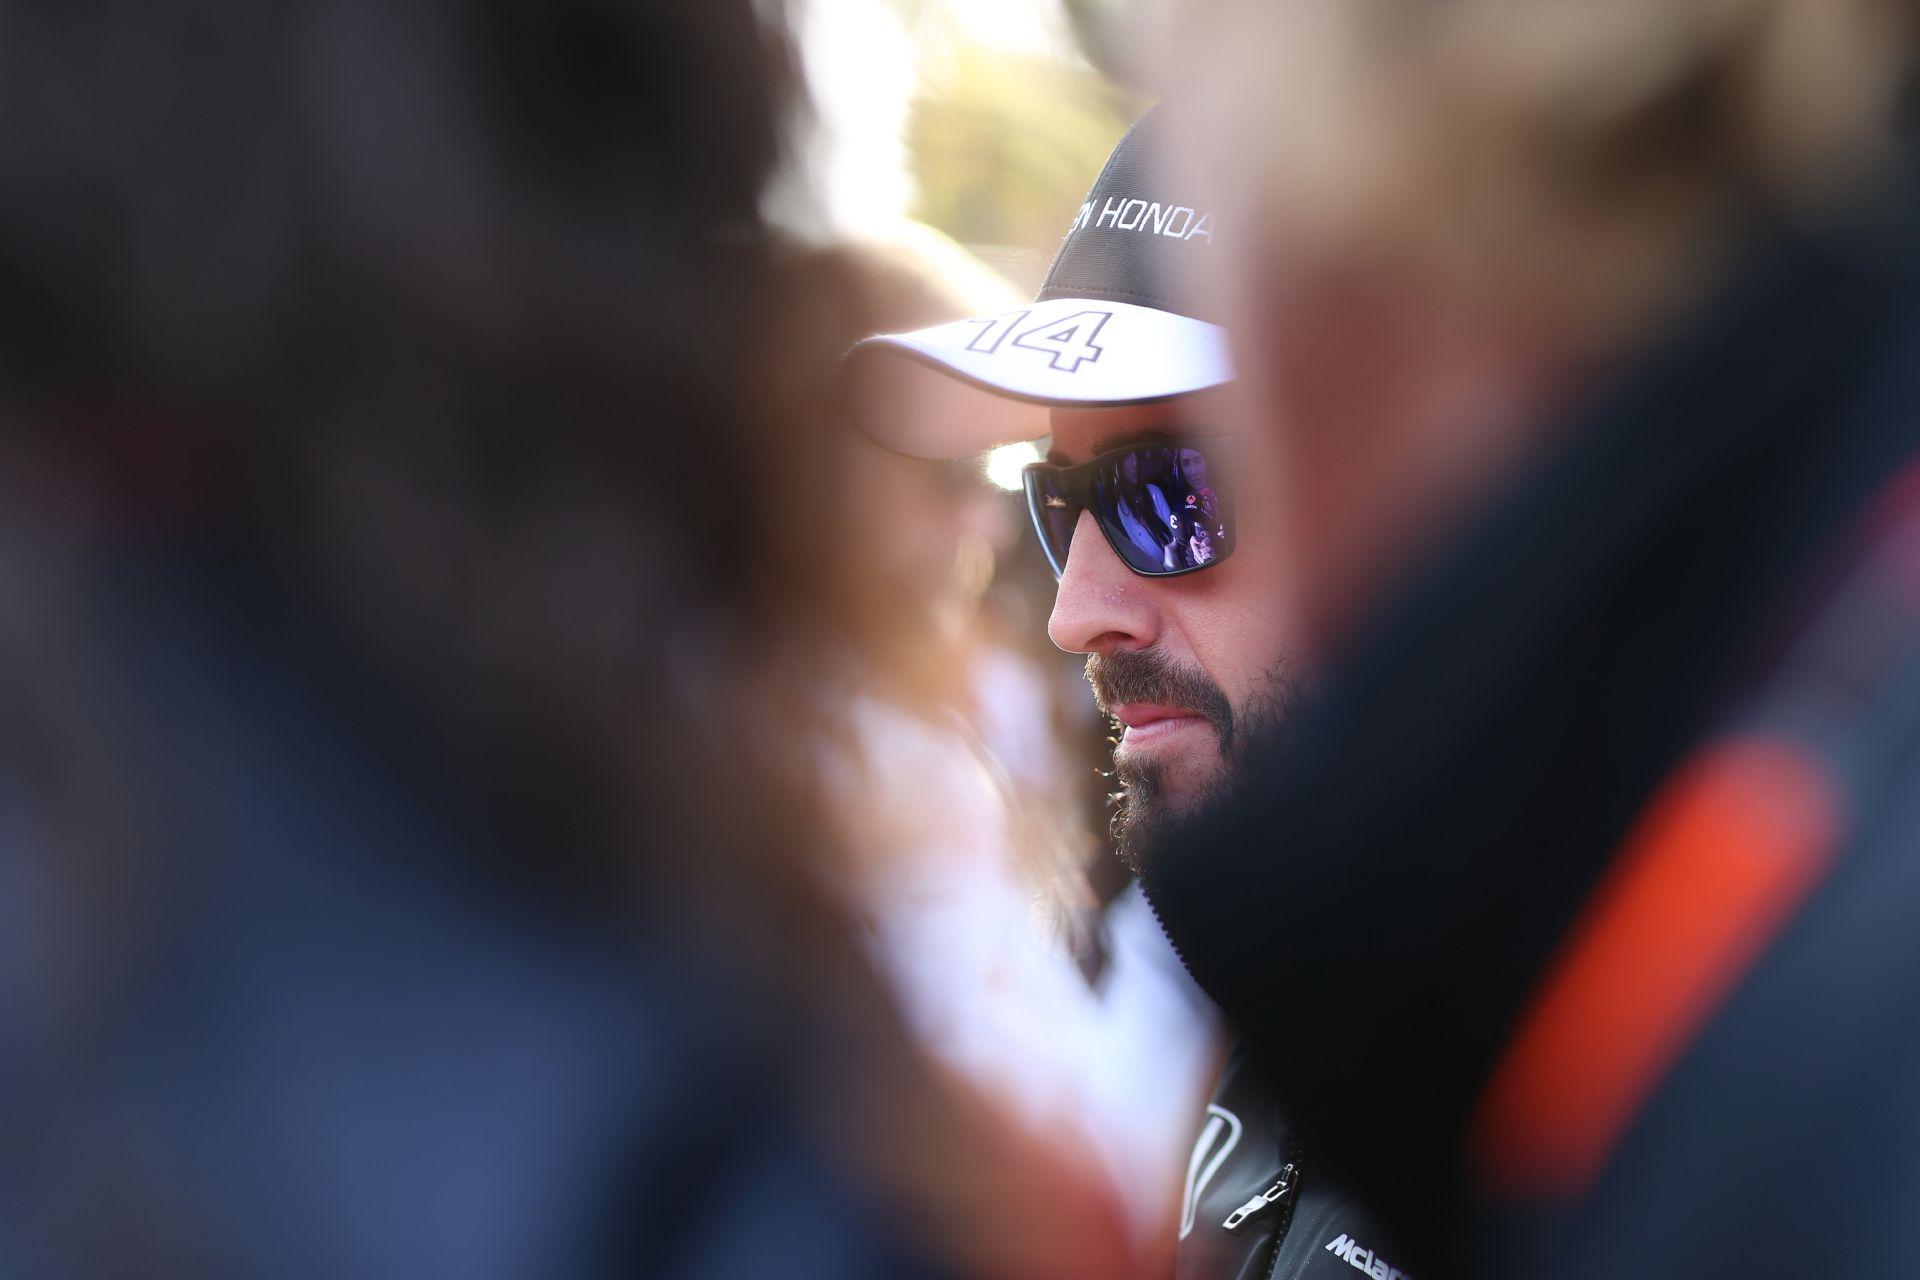 Nincs nagy gond Alonso McLaren-Hondájával, ott lehet az időmérőn (frissítve)